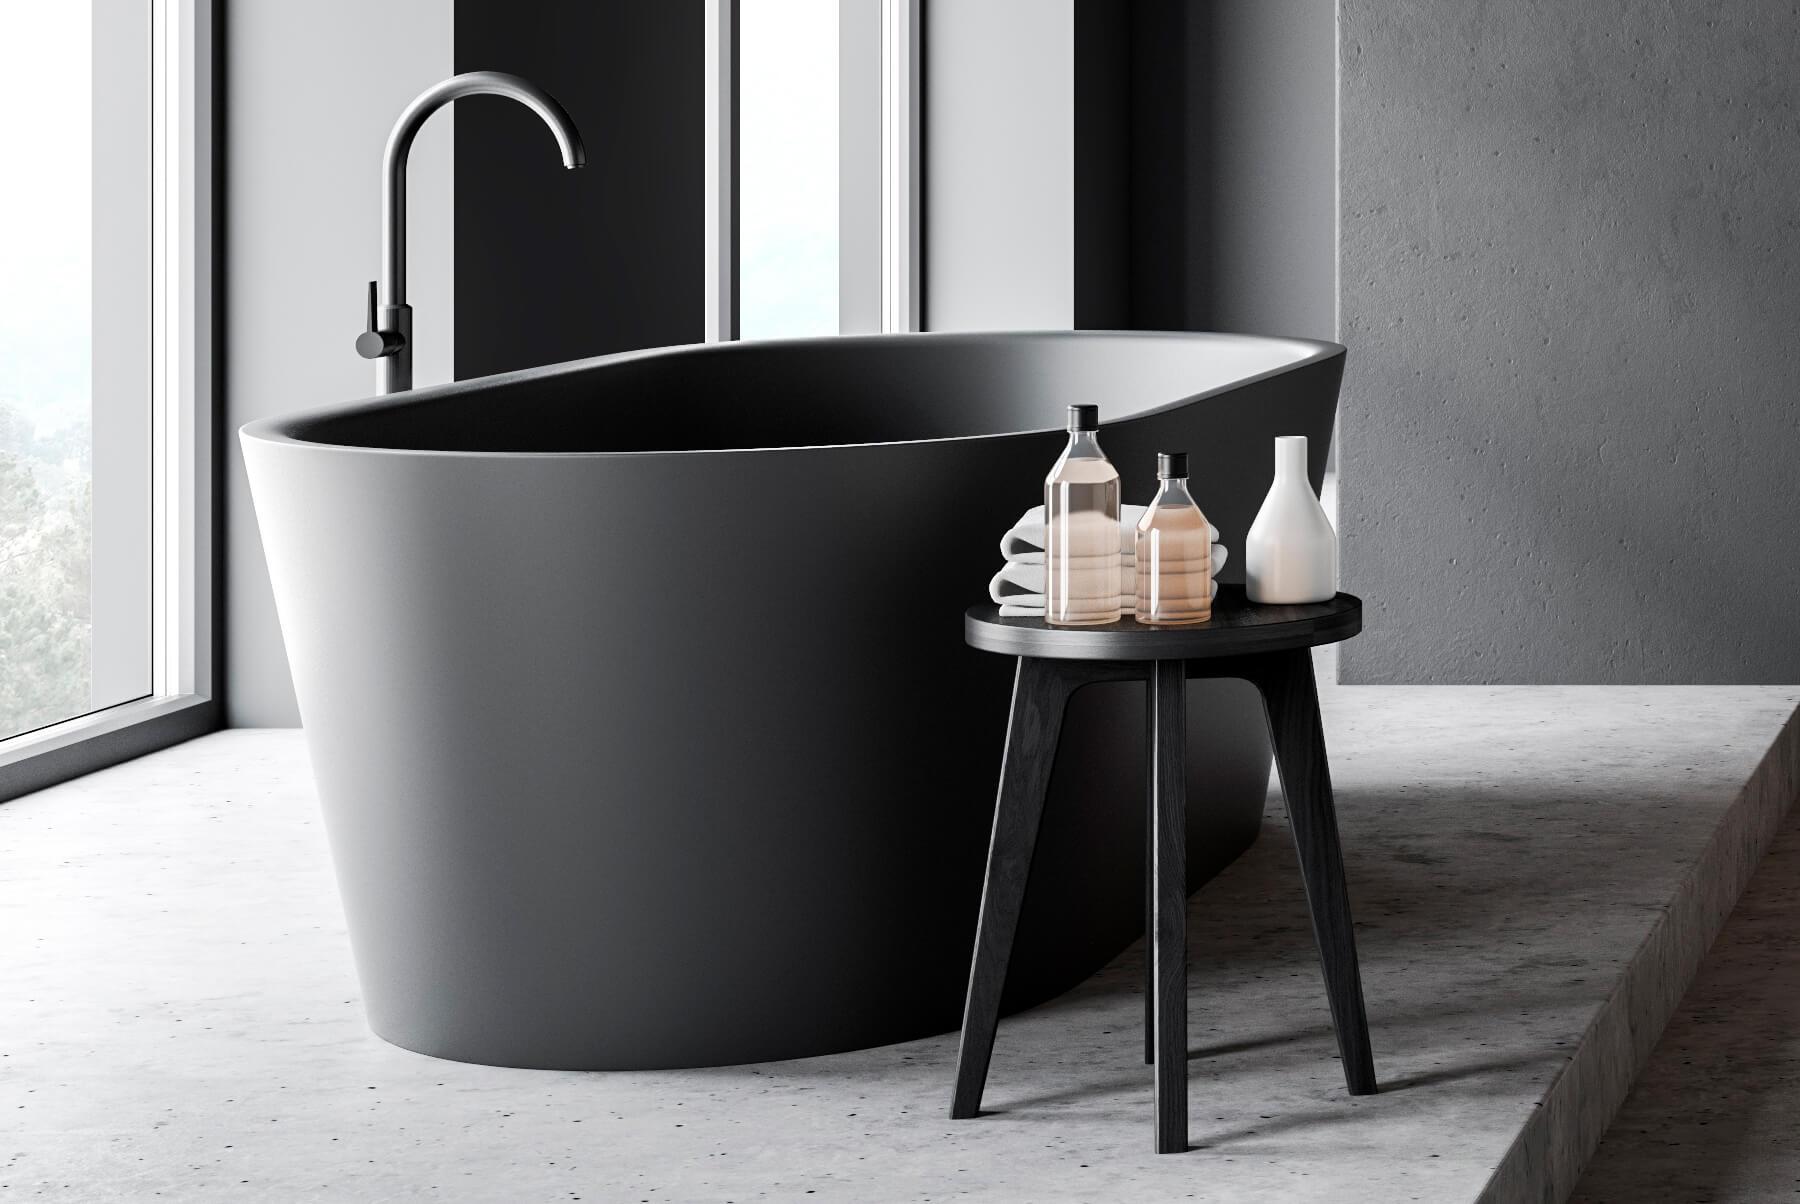 ARTESIAN-Artesain-Bath-inset-4-1800x1204